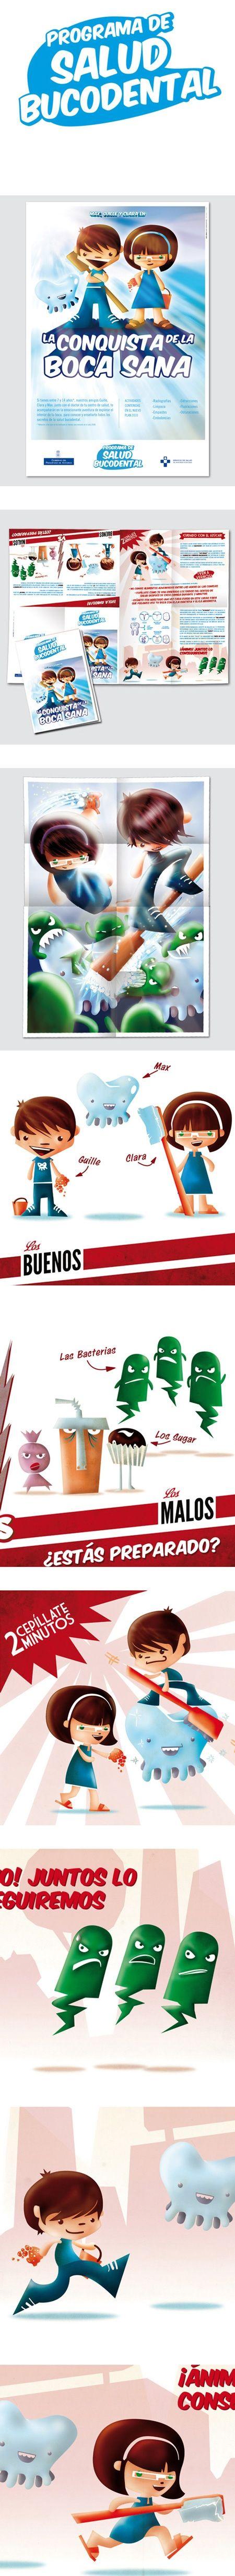 Promoción de la salud bucodental entre los más pequeños #design #salud #dientes #poster